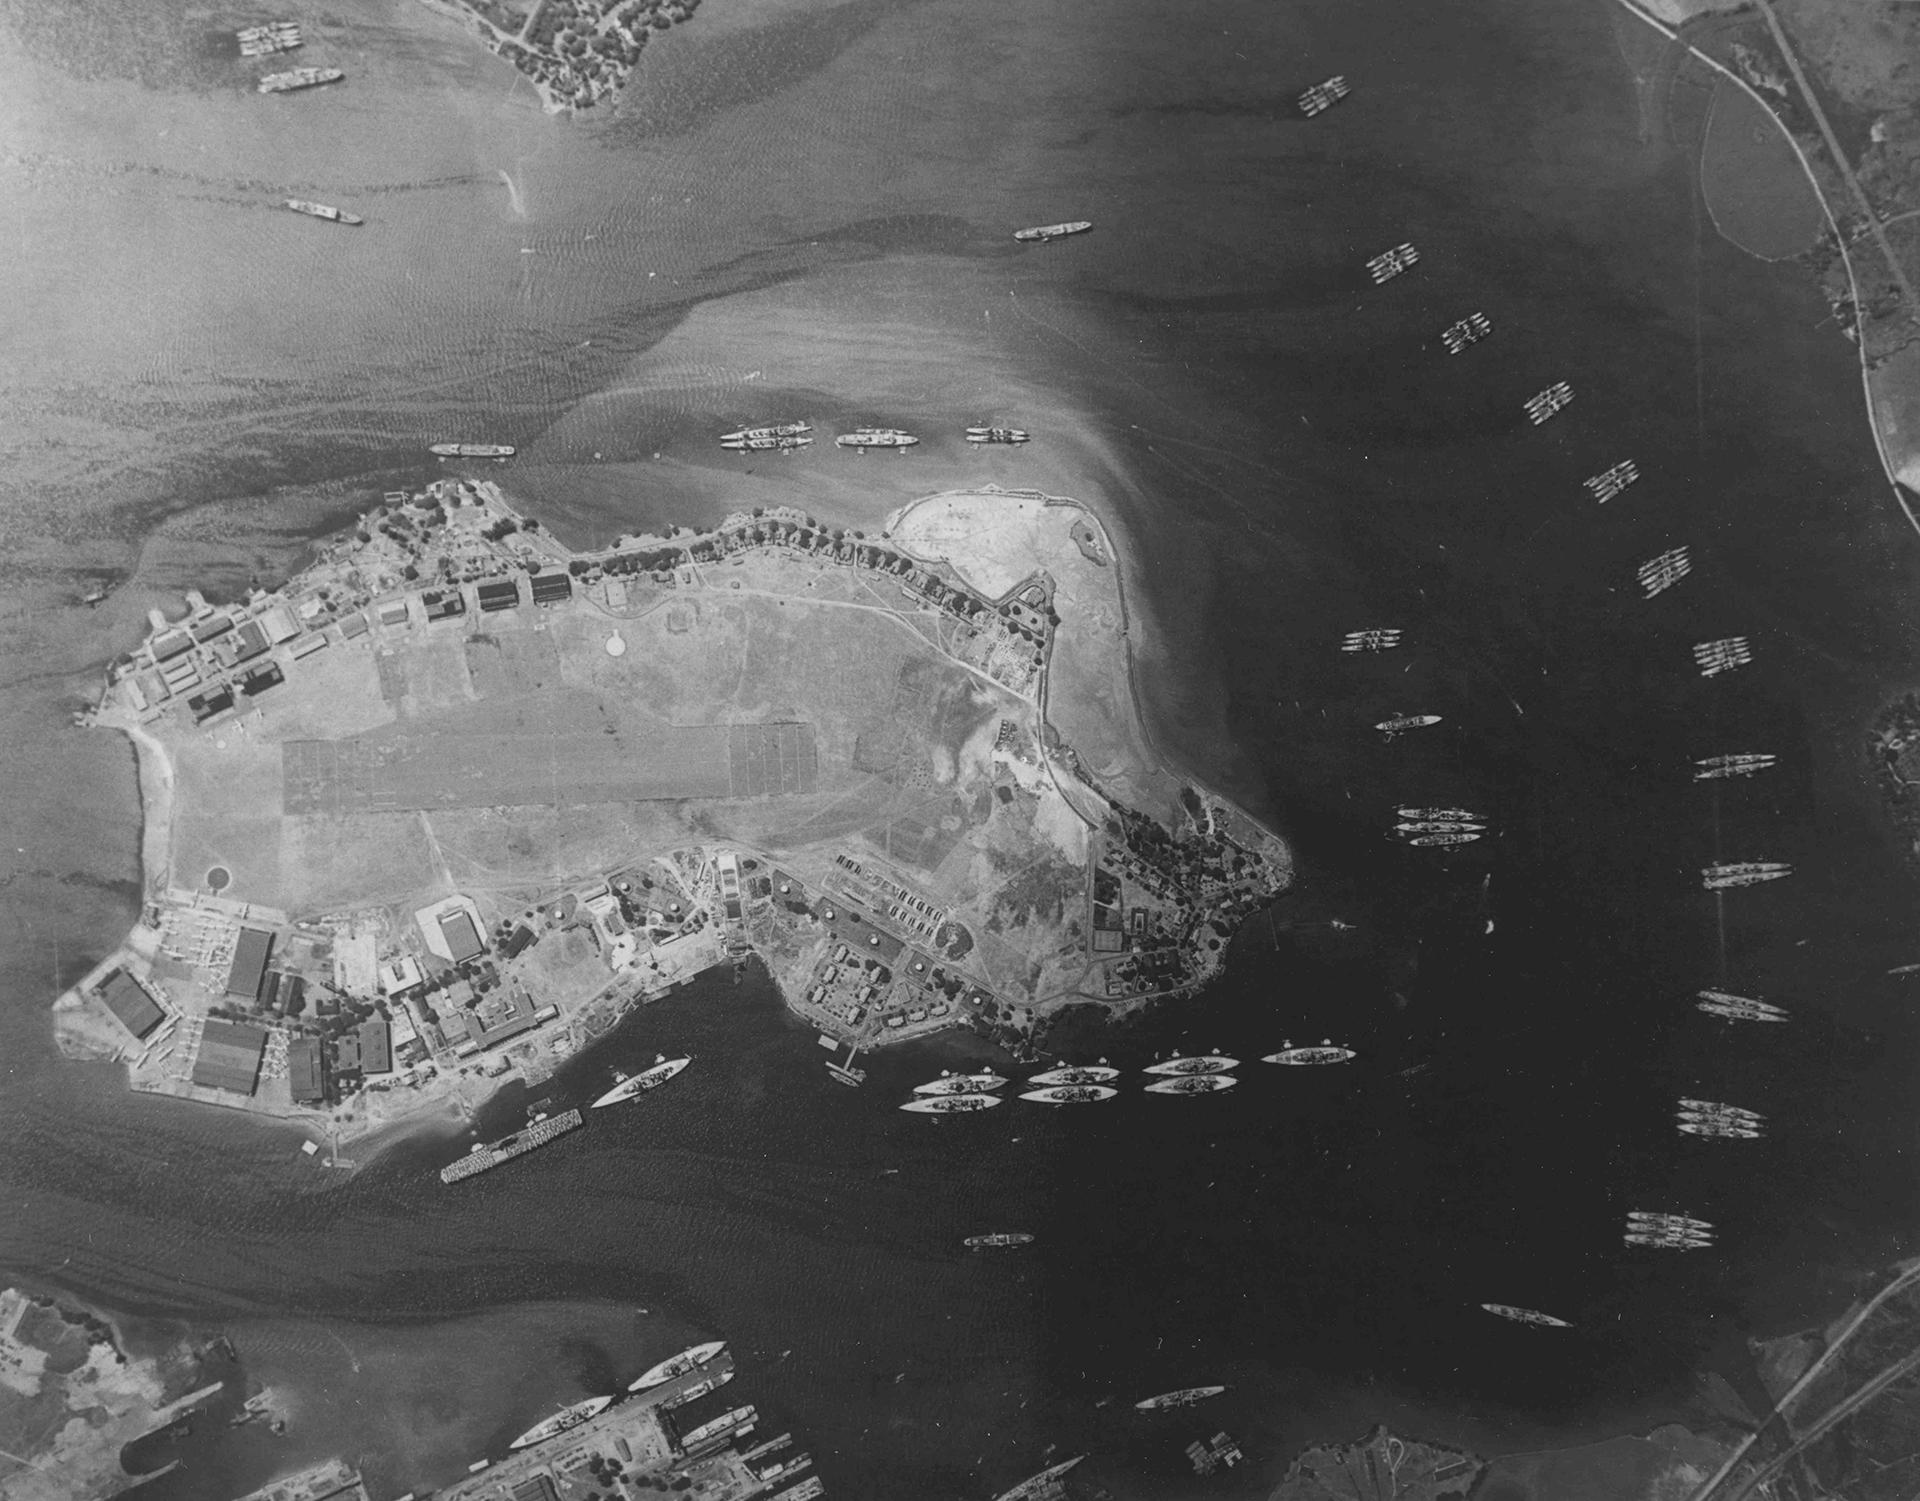 Fotografía aérea tomada un año antes de la incursión japonesa donde se ve la la flota aérea de Ford Island en Pearl Harbor, Hawai.